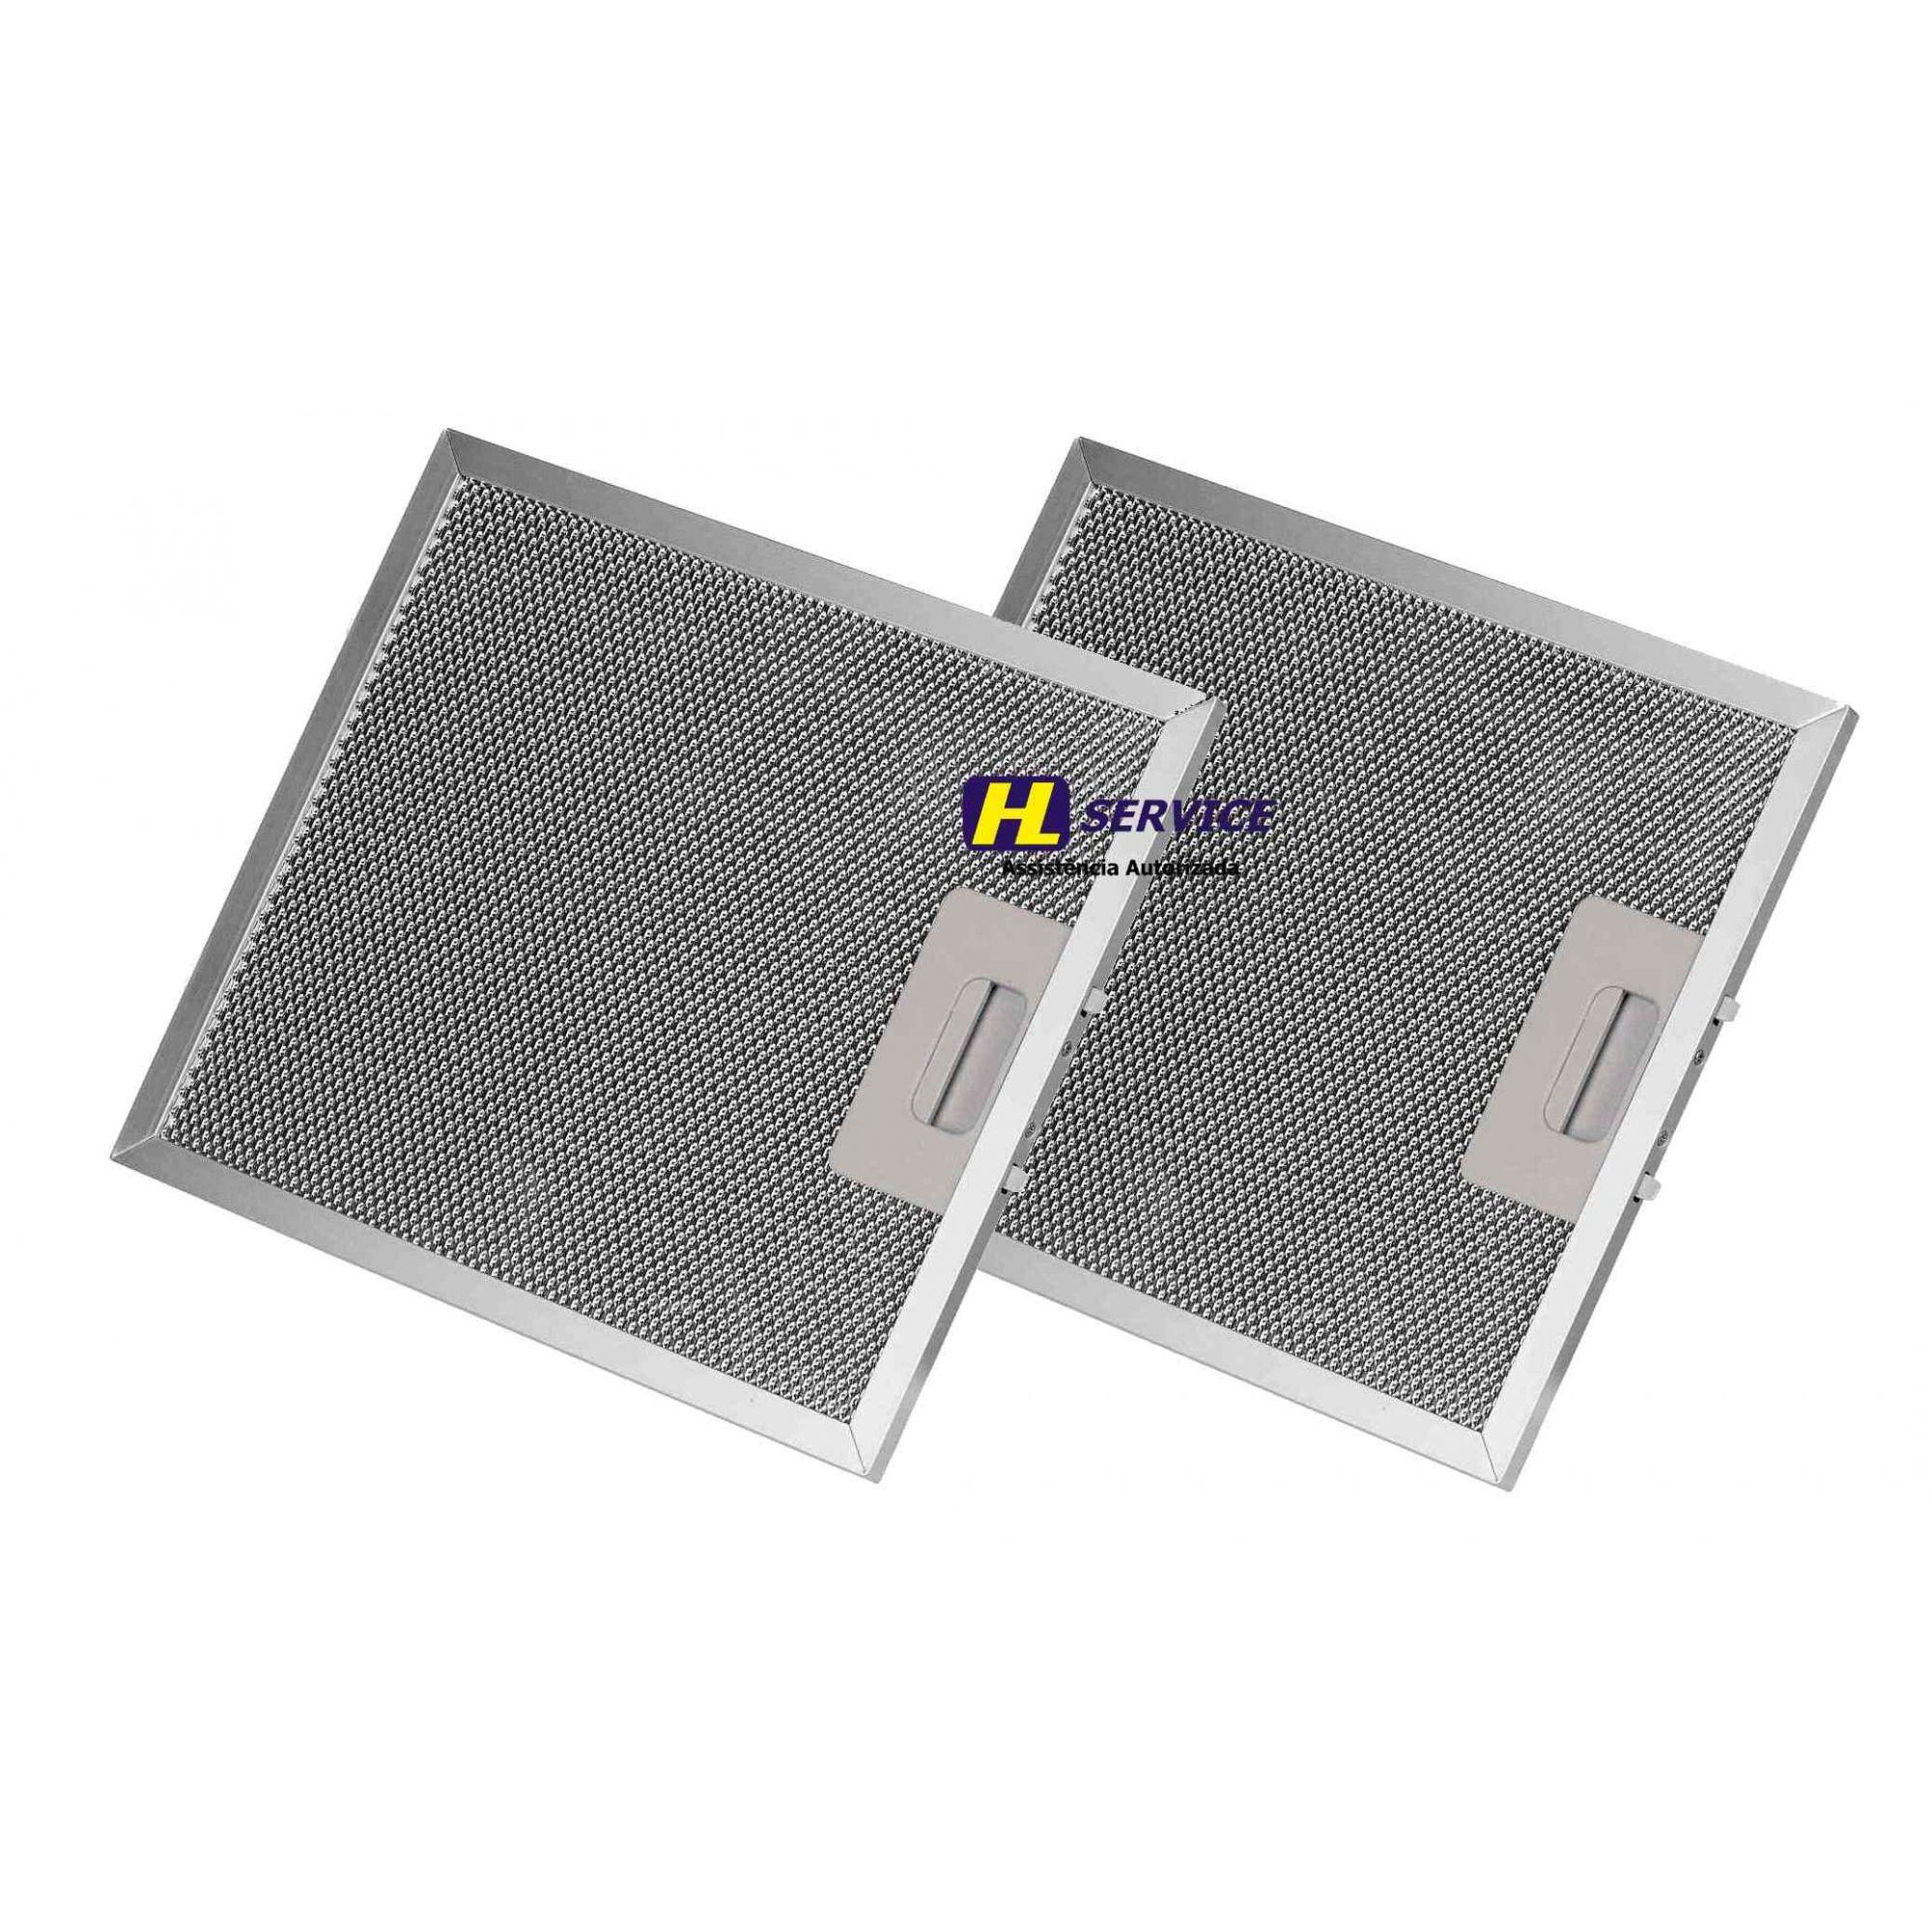 02 Filtros Alumínio Coifa Topazio 60cm TP776 28x40 Cm Suggar  - HL SERVICE